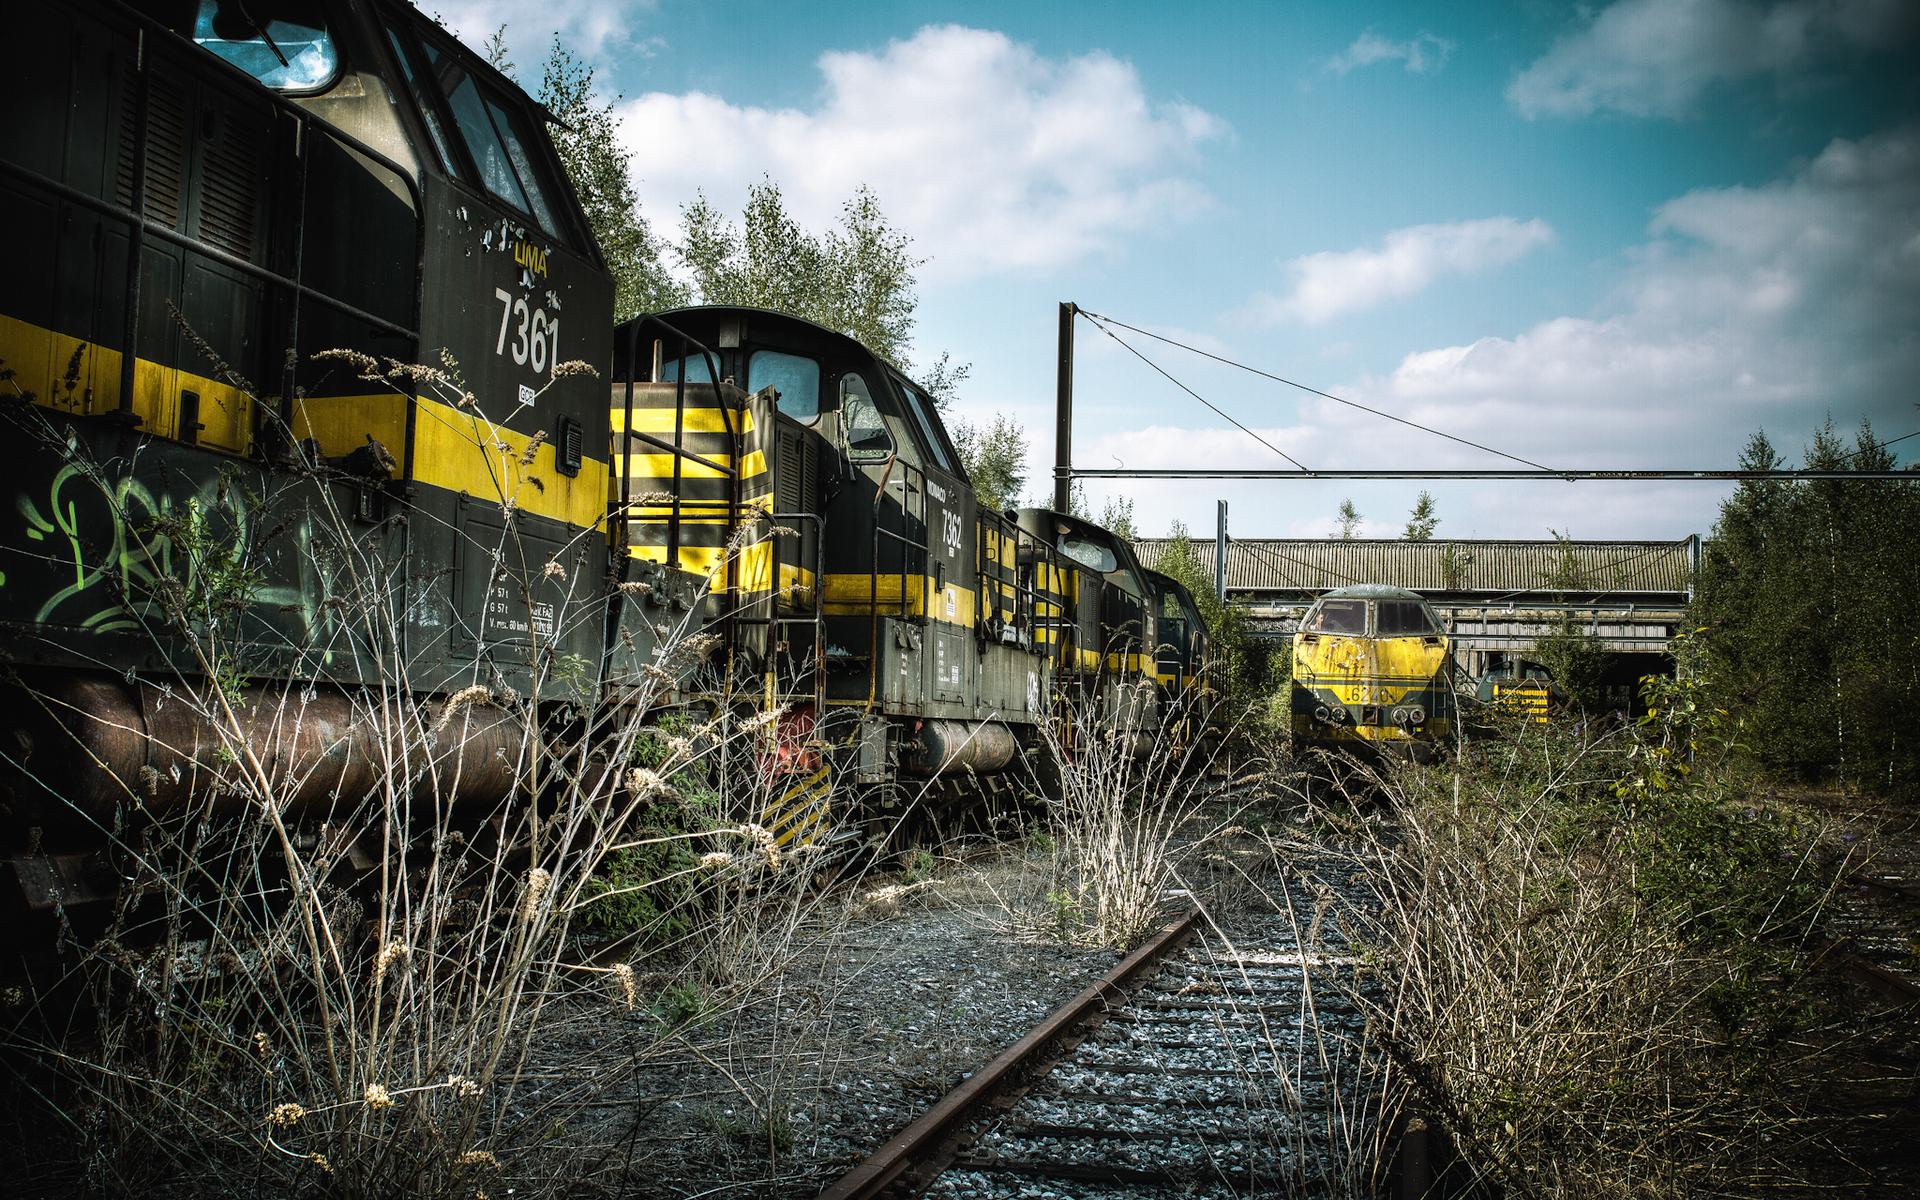 lionel train wallpaper - photo #17